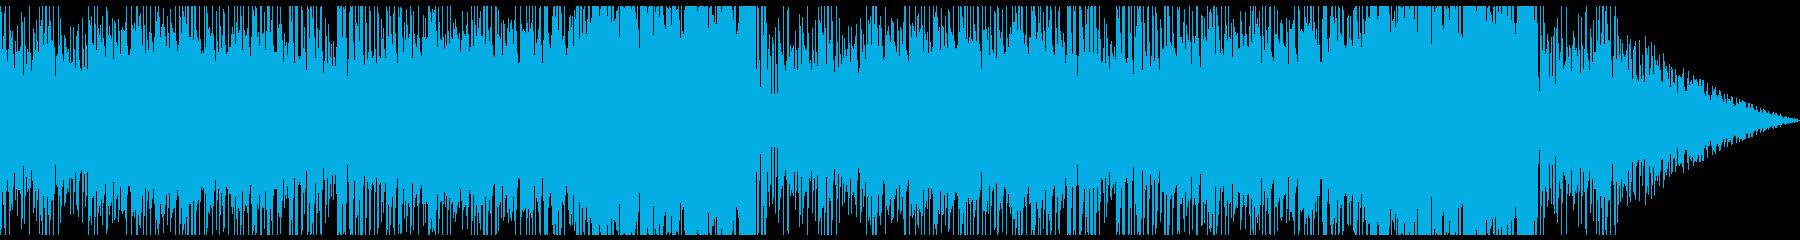 RPGゲームのショップのBGMの再生済みの波形